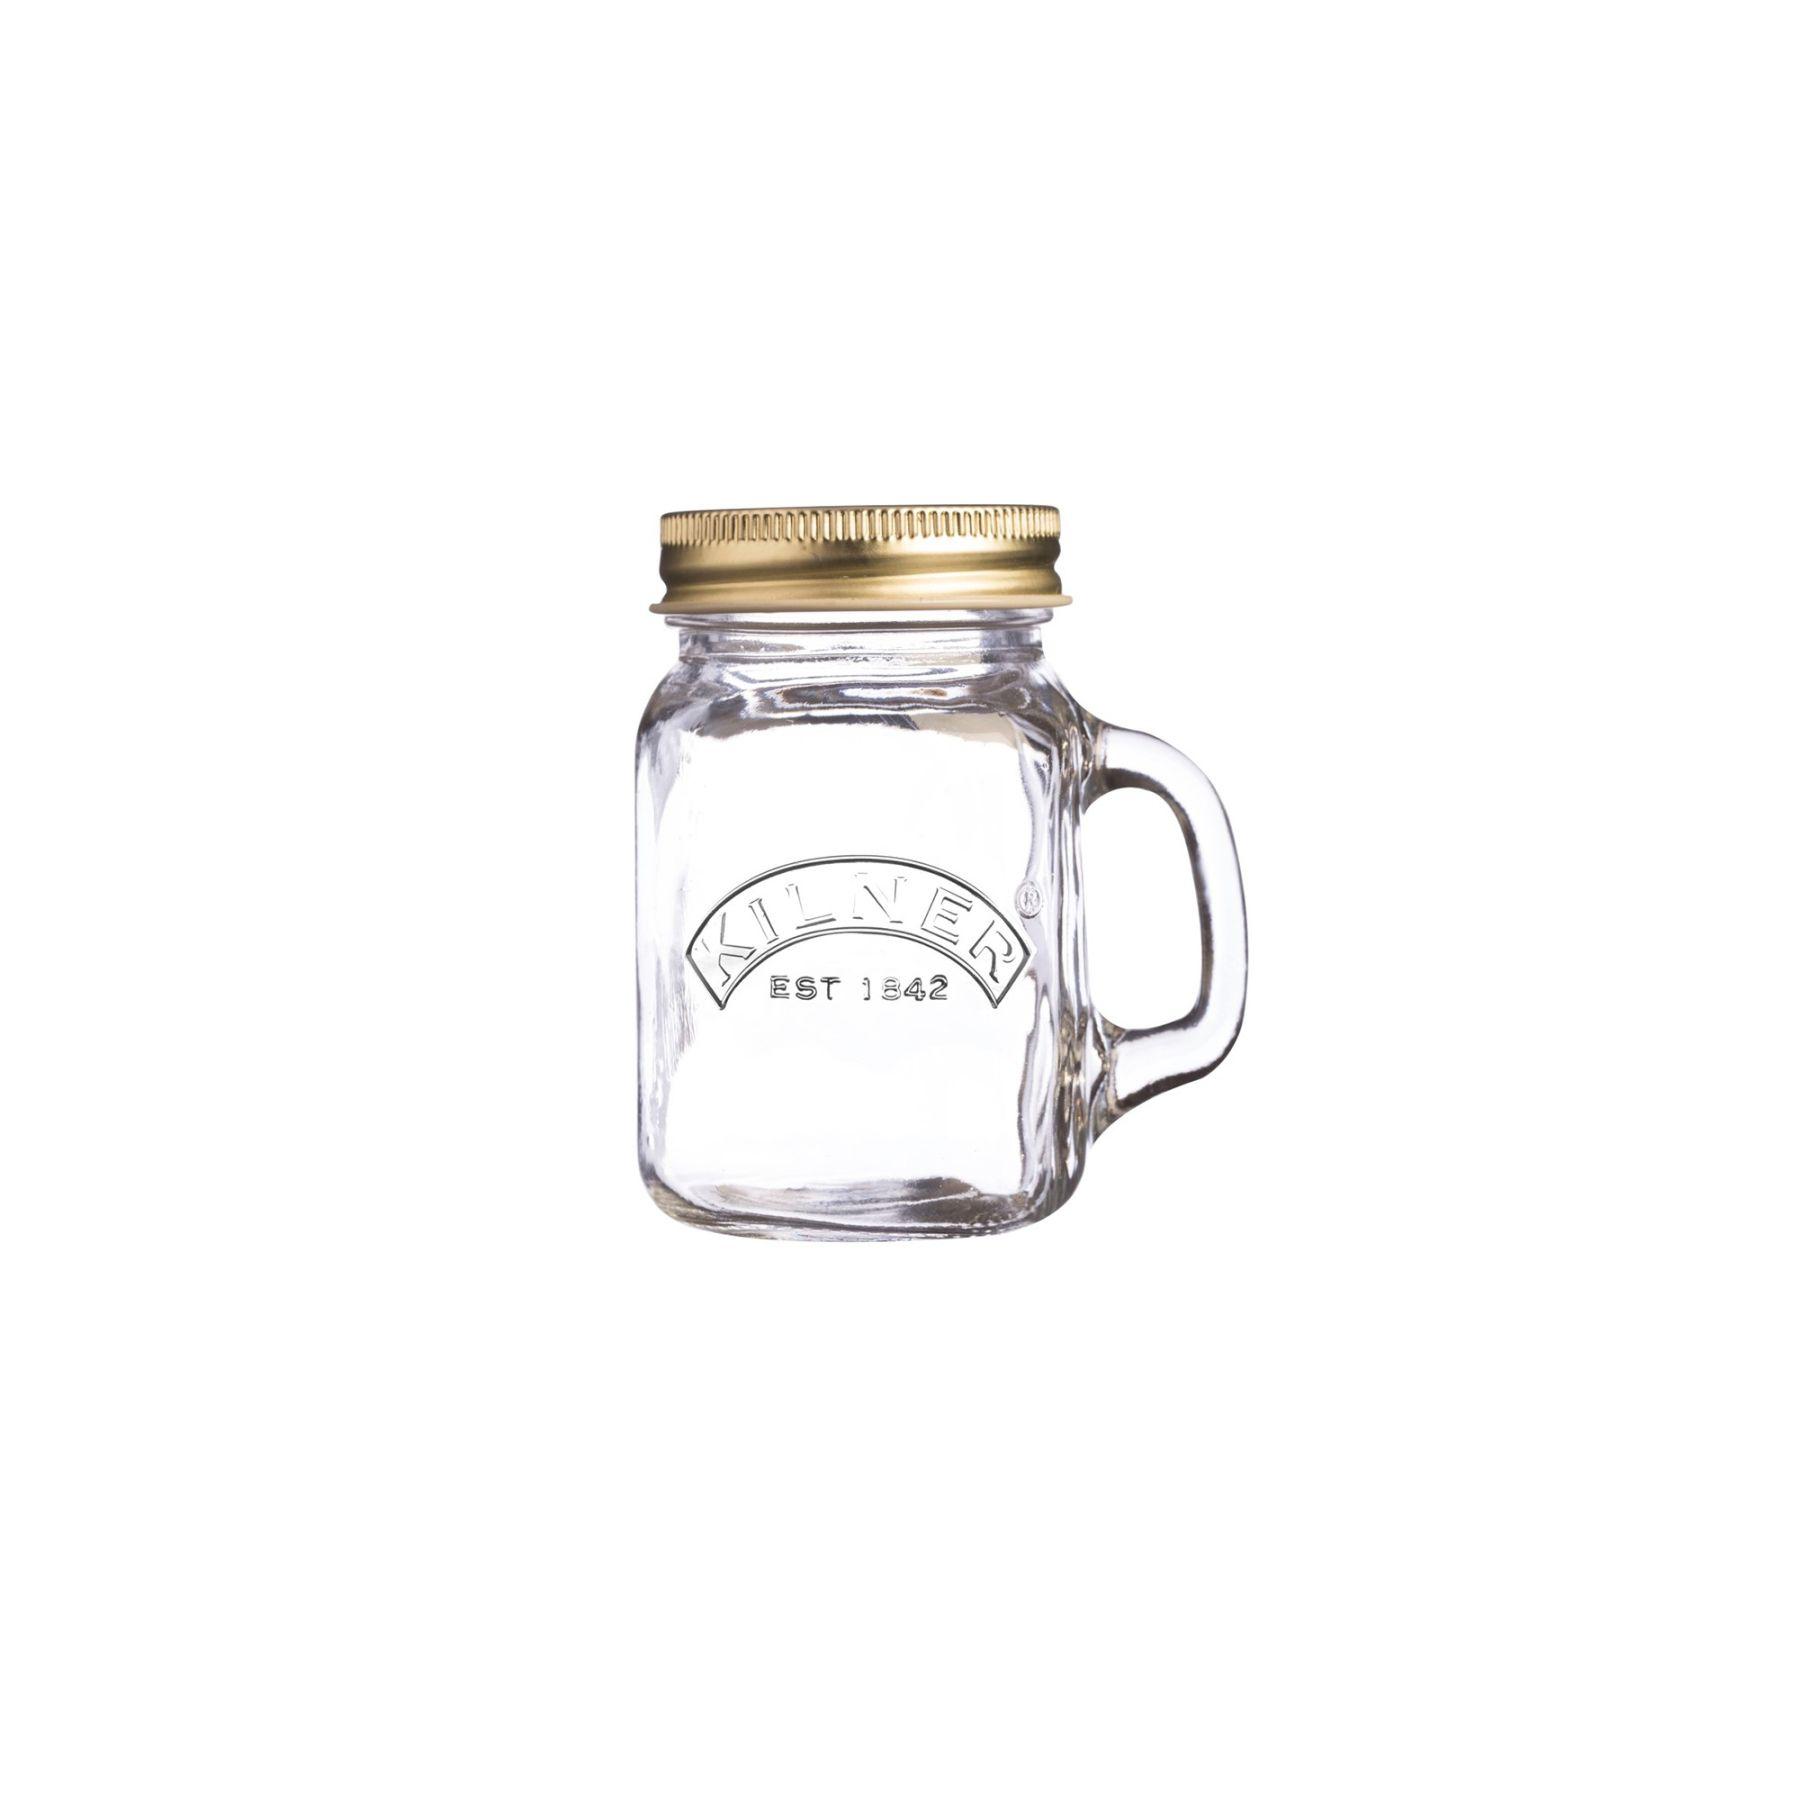 Skleněný mini džbánek s rukojetí 0,14l - Kilner